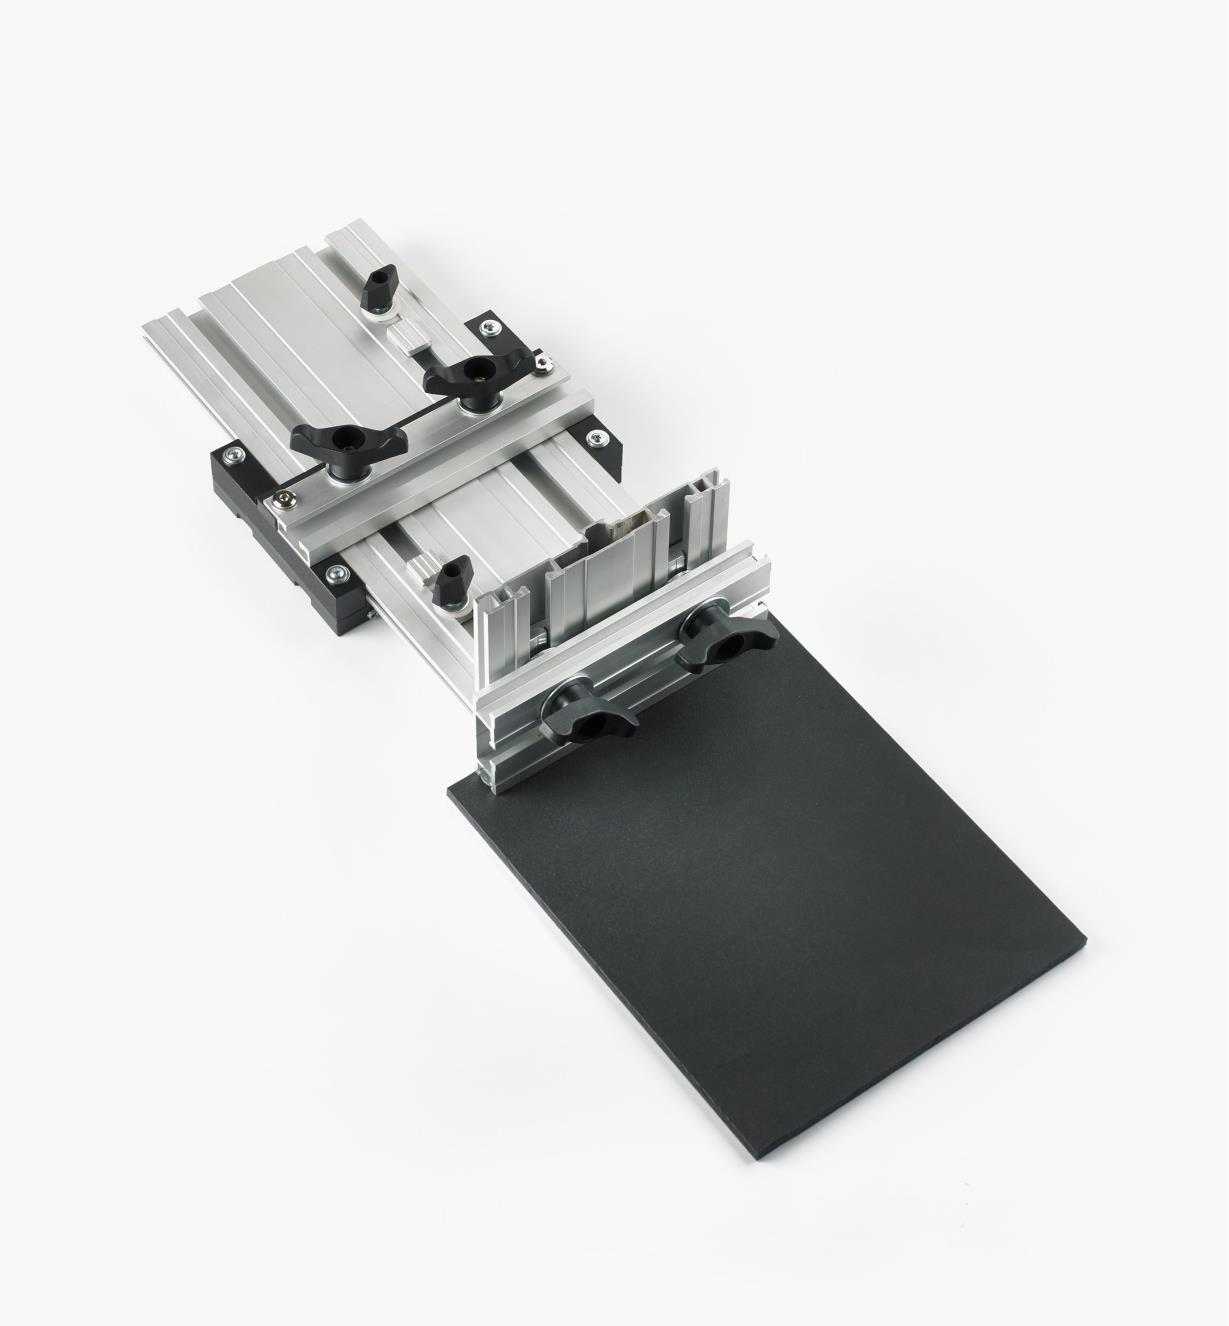 86N5240 - EZ Smart Routing Attachment